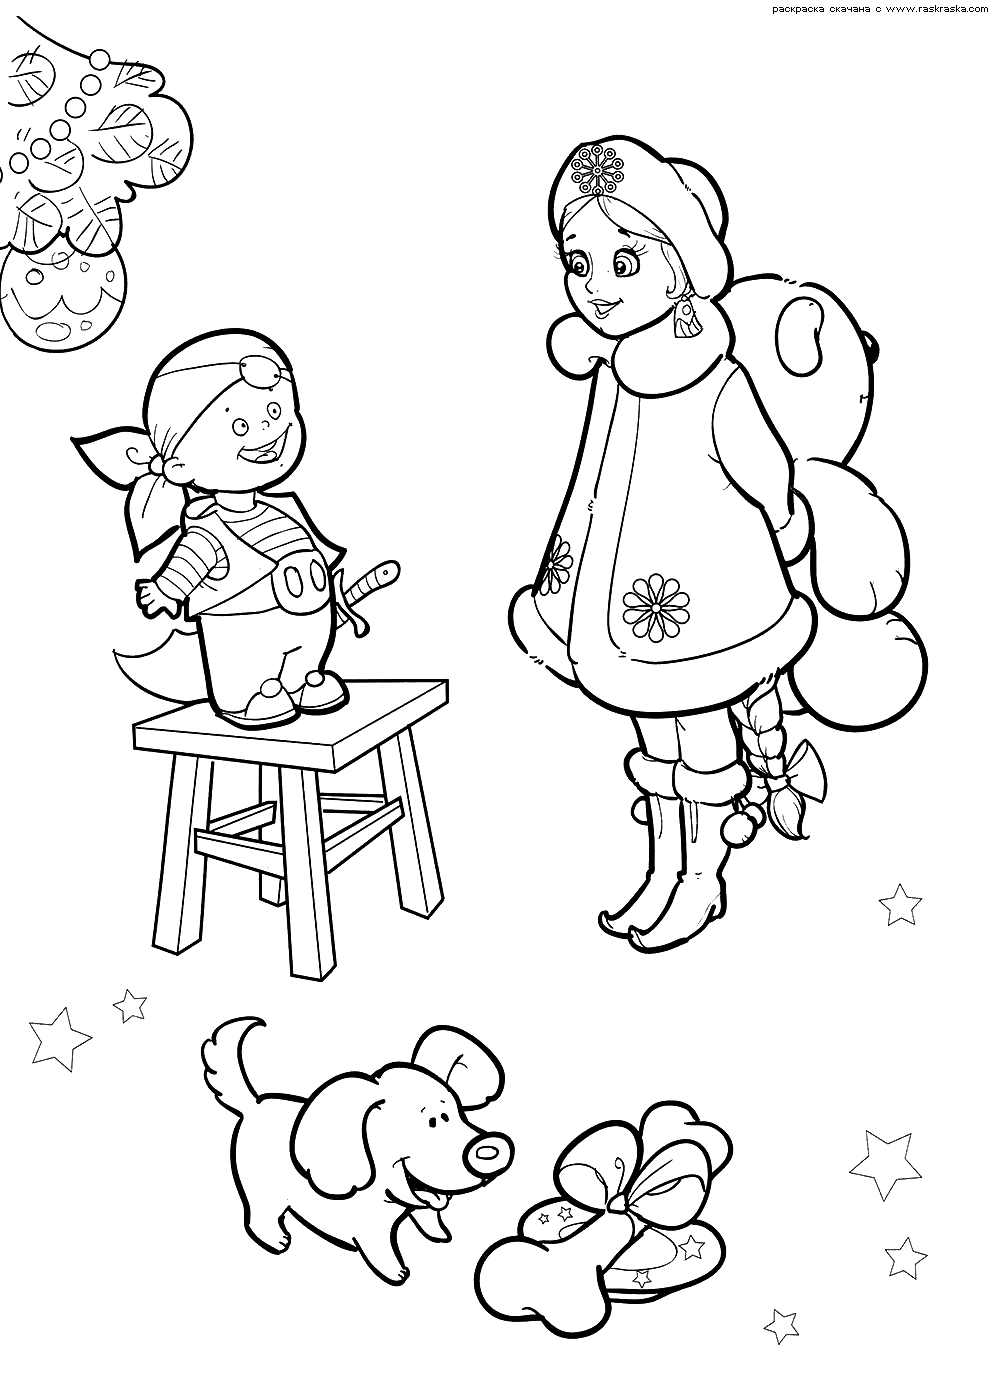 Раскраска Снегурочка дарит подарки. Раскраска снегурочка, малыш, новый год, подарки